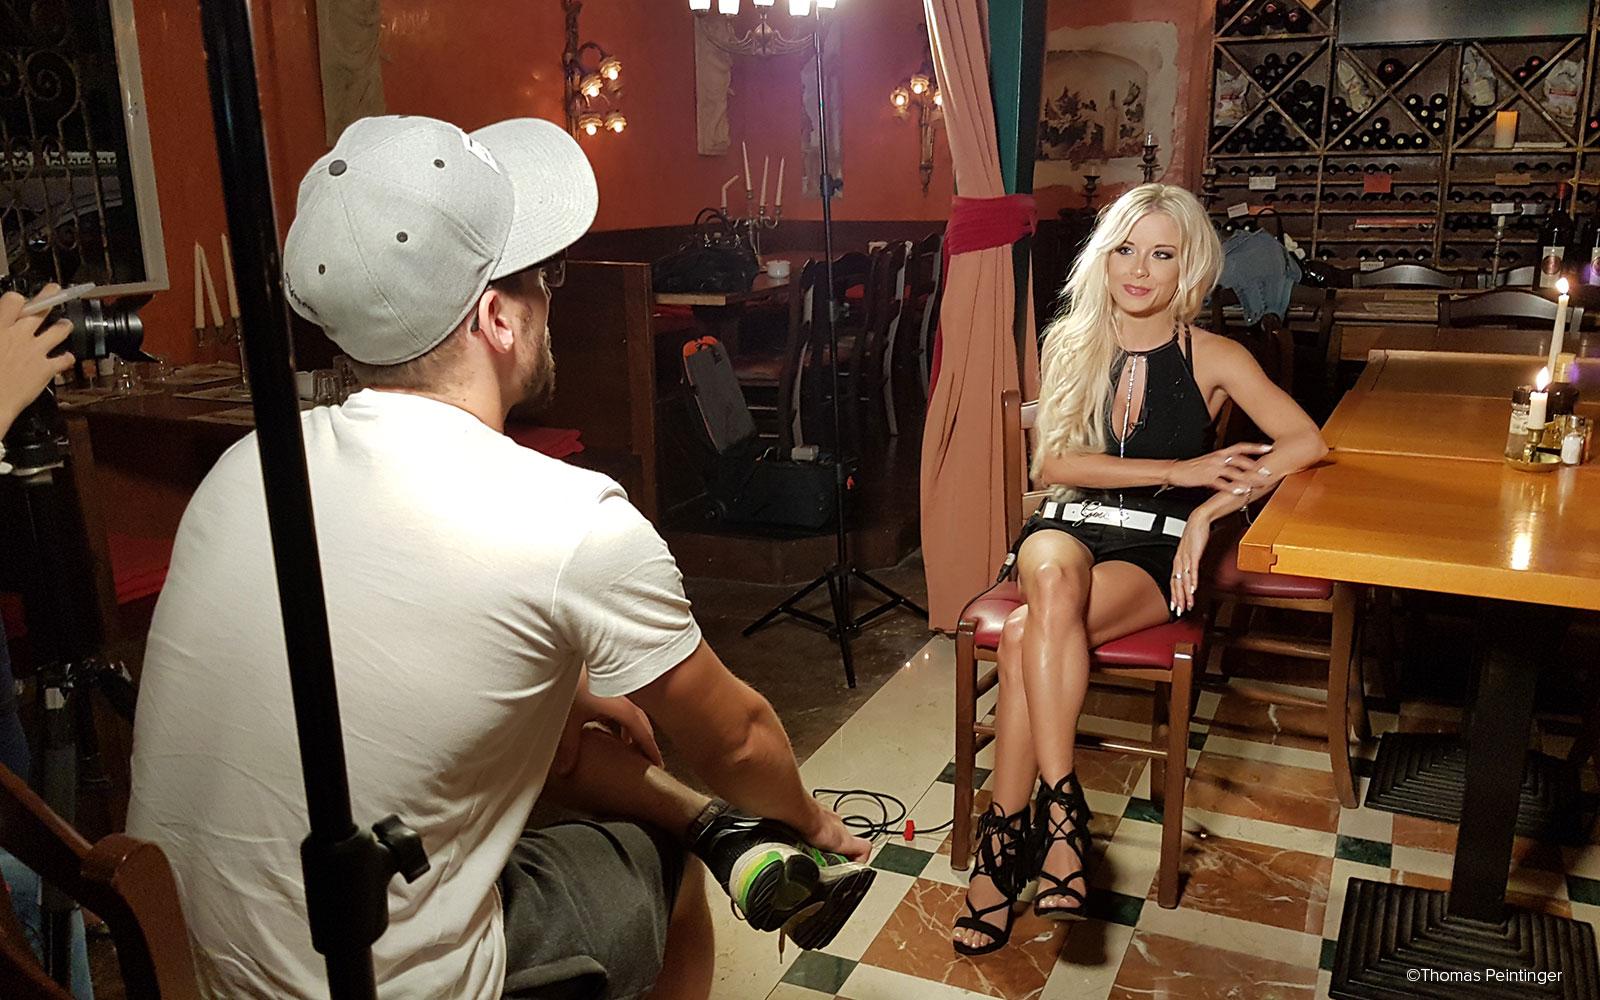 Von Stereotypen, Klischees und der Pornobranche – Unser Interview mit Mia Julia